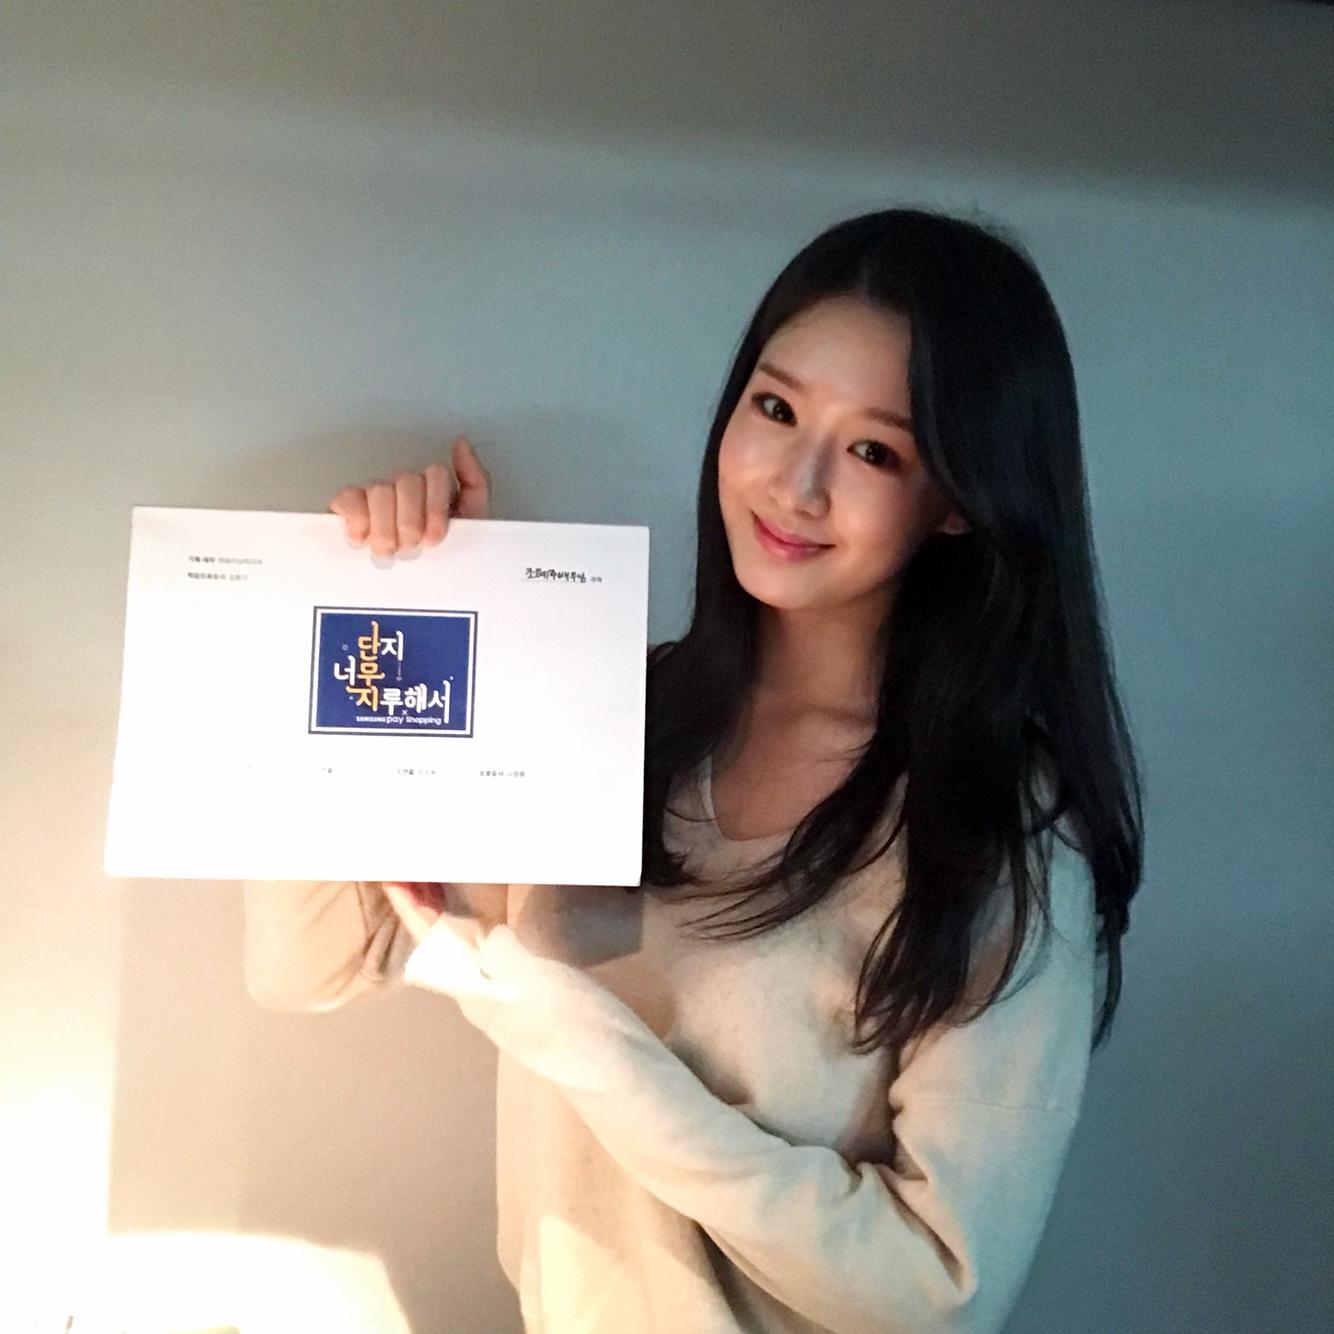 신예 조혜주, '단지 너무 지루해서' 주인공으로 배우 출사표 던져!